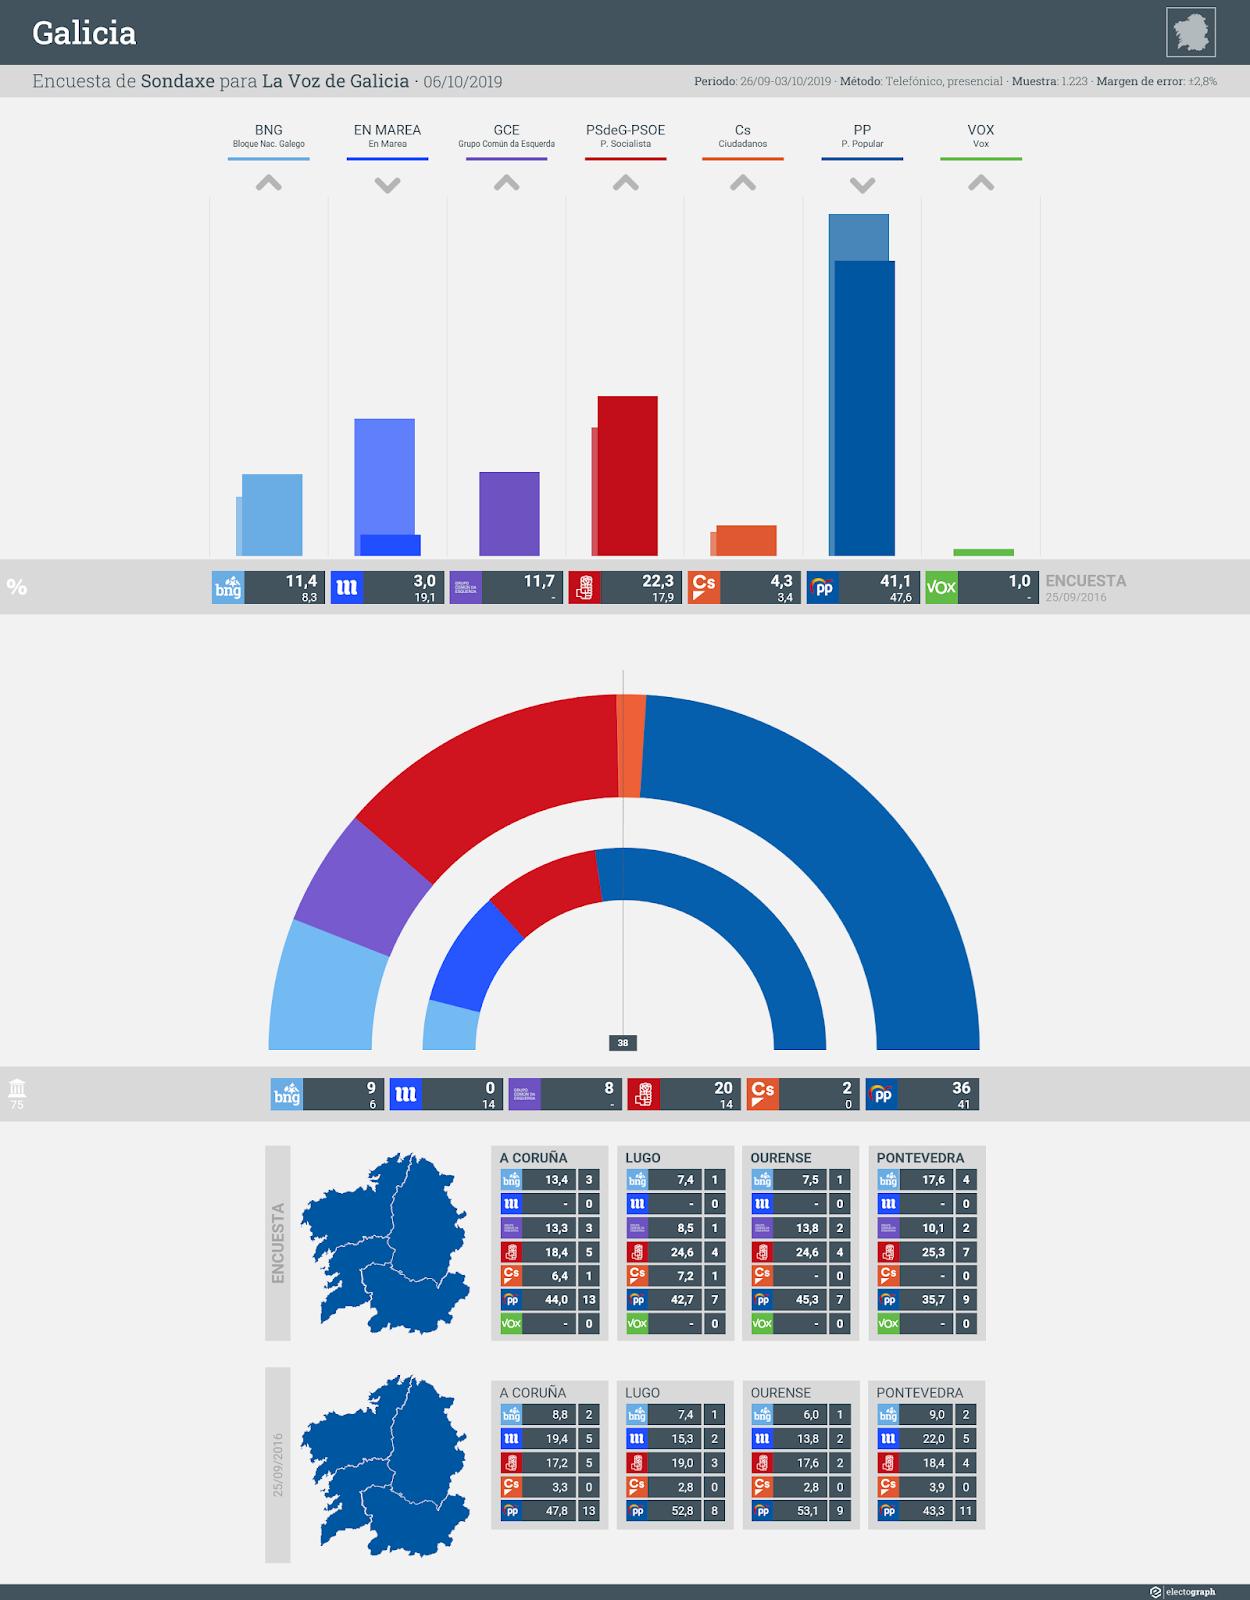 Gráfico de la encuesta para elecciones autonómicas en Galicia realizada por Sondaxe para La Voz de Galicia, 6 de octubre de 2019